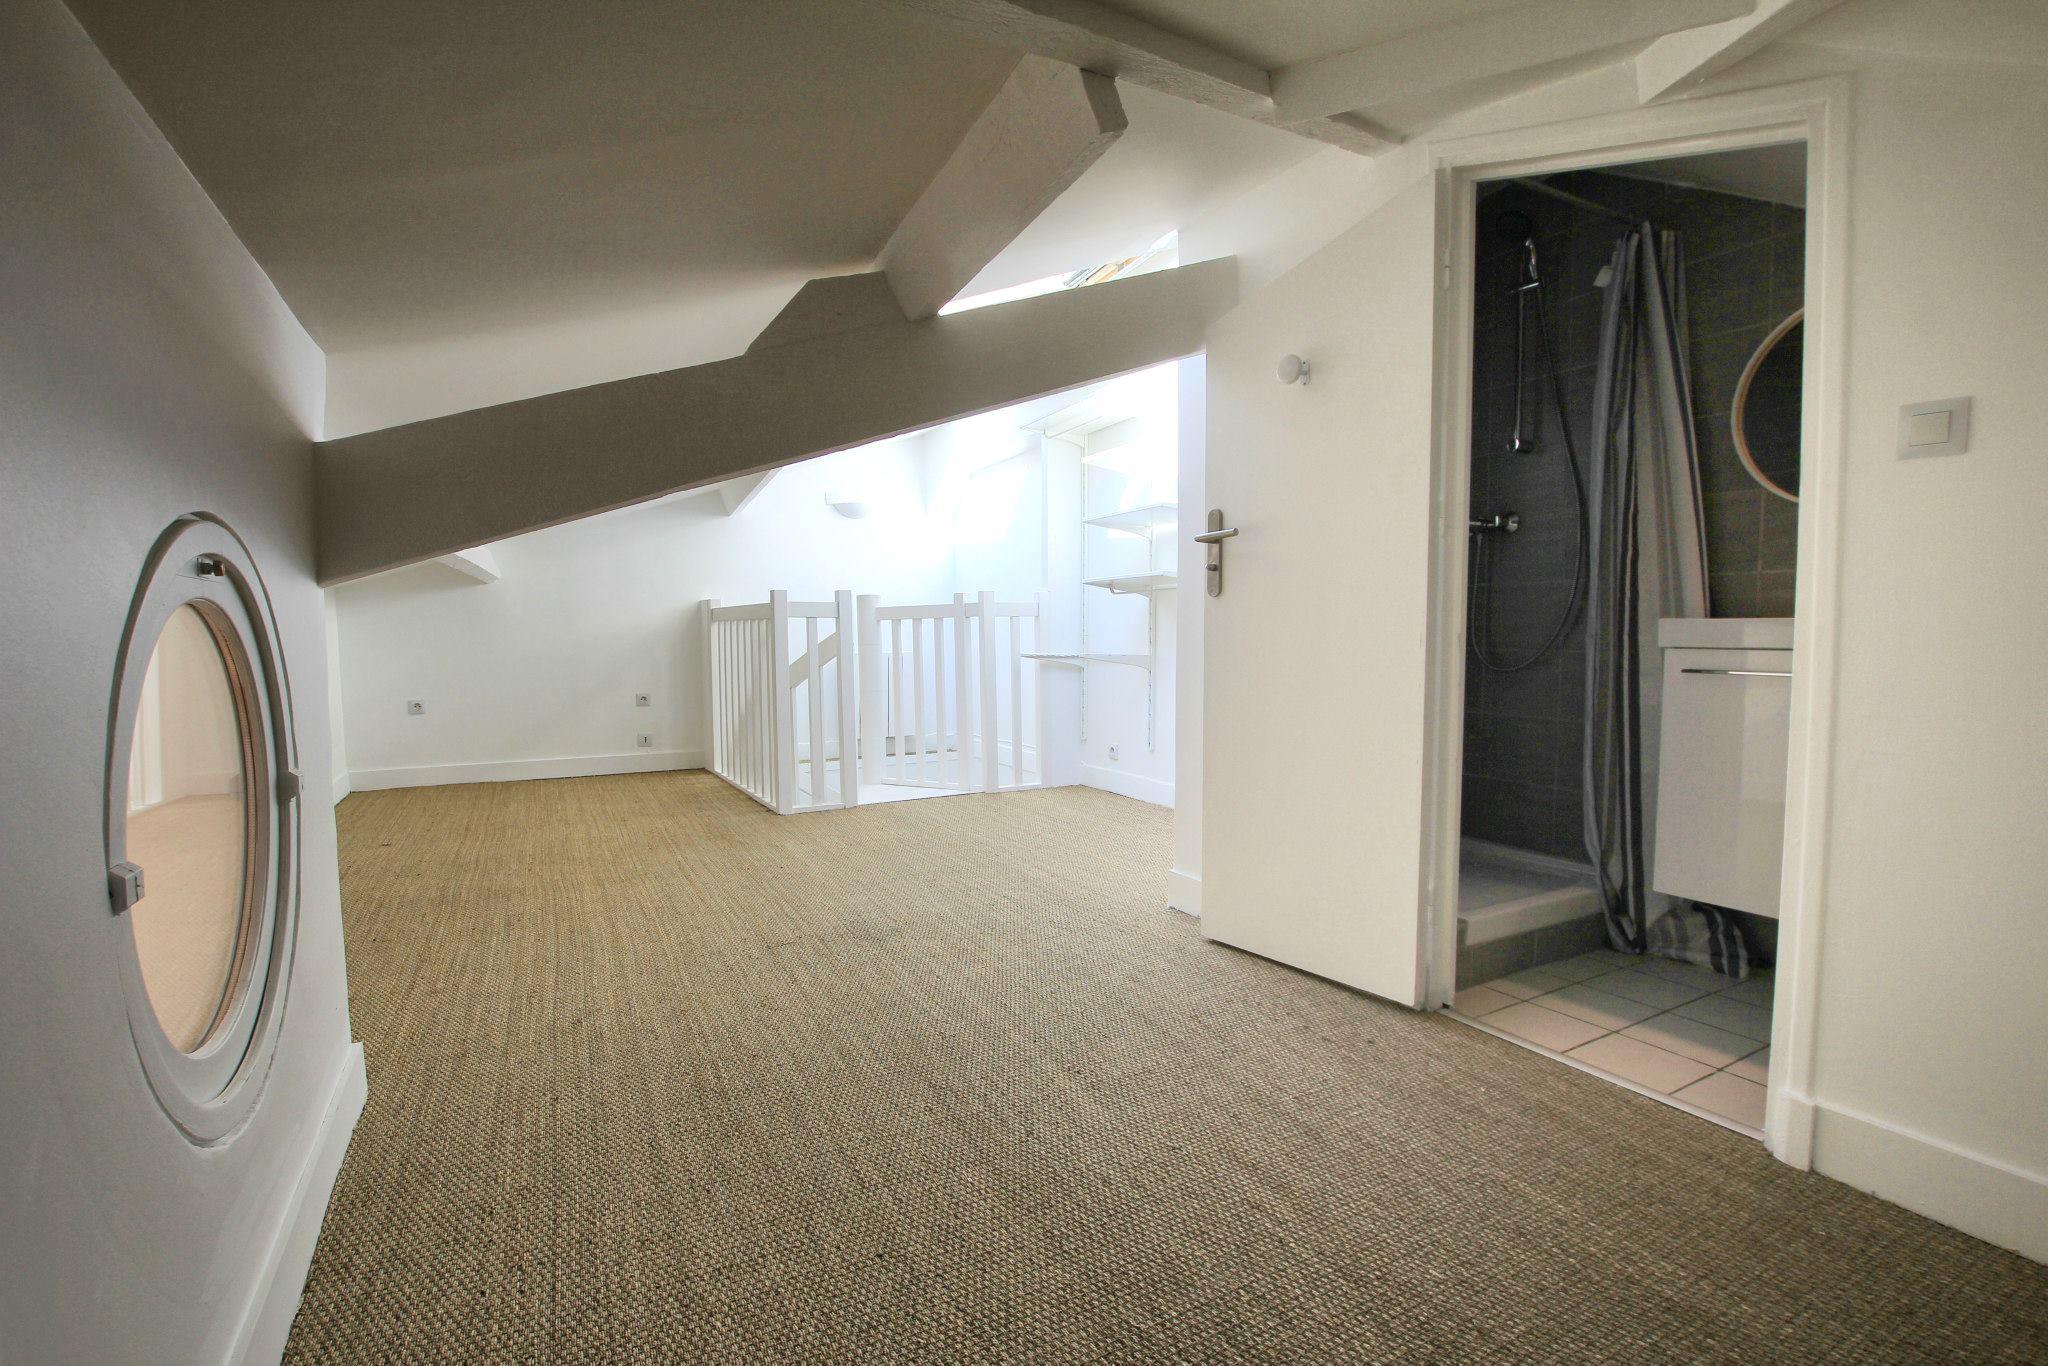 la-clef-des-villes-chasseur-immobilier-boulogne-billancourt-location-appartement-photo-chambre